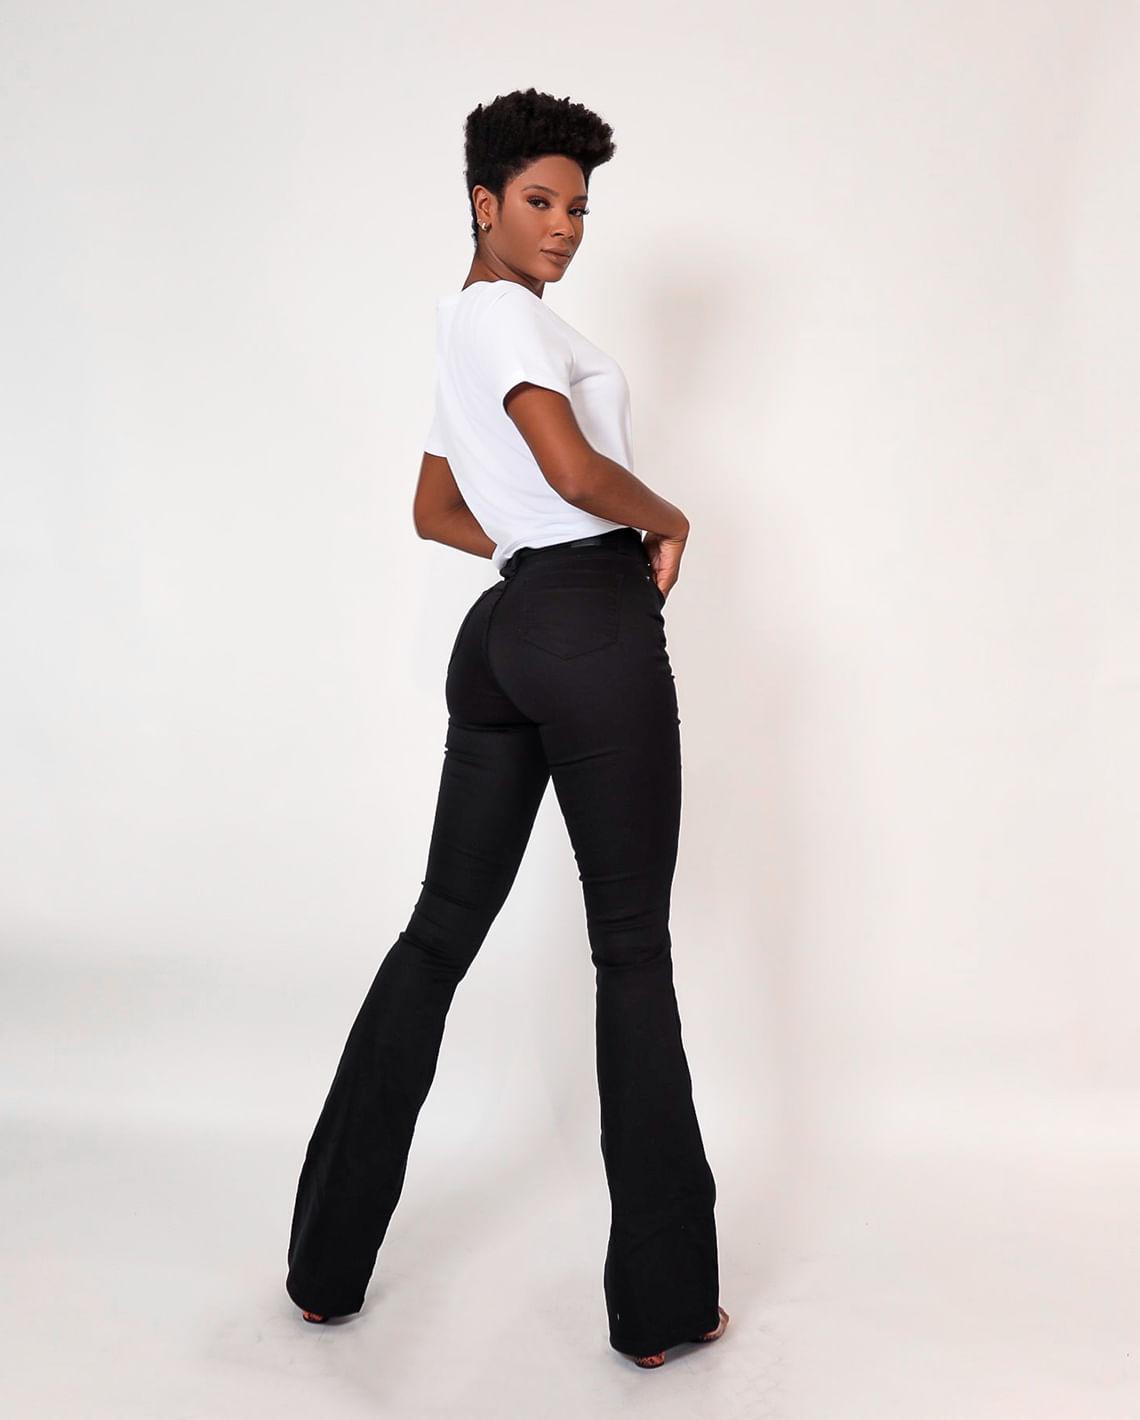 Calça Flare Preta - Ideal Para Mulheres Altas Cns 20666